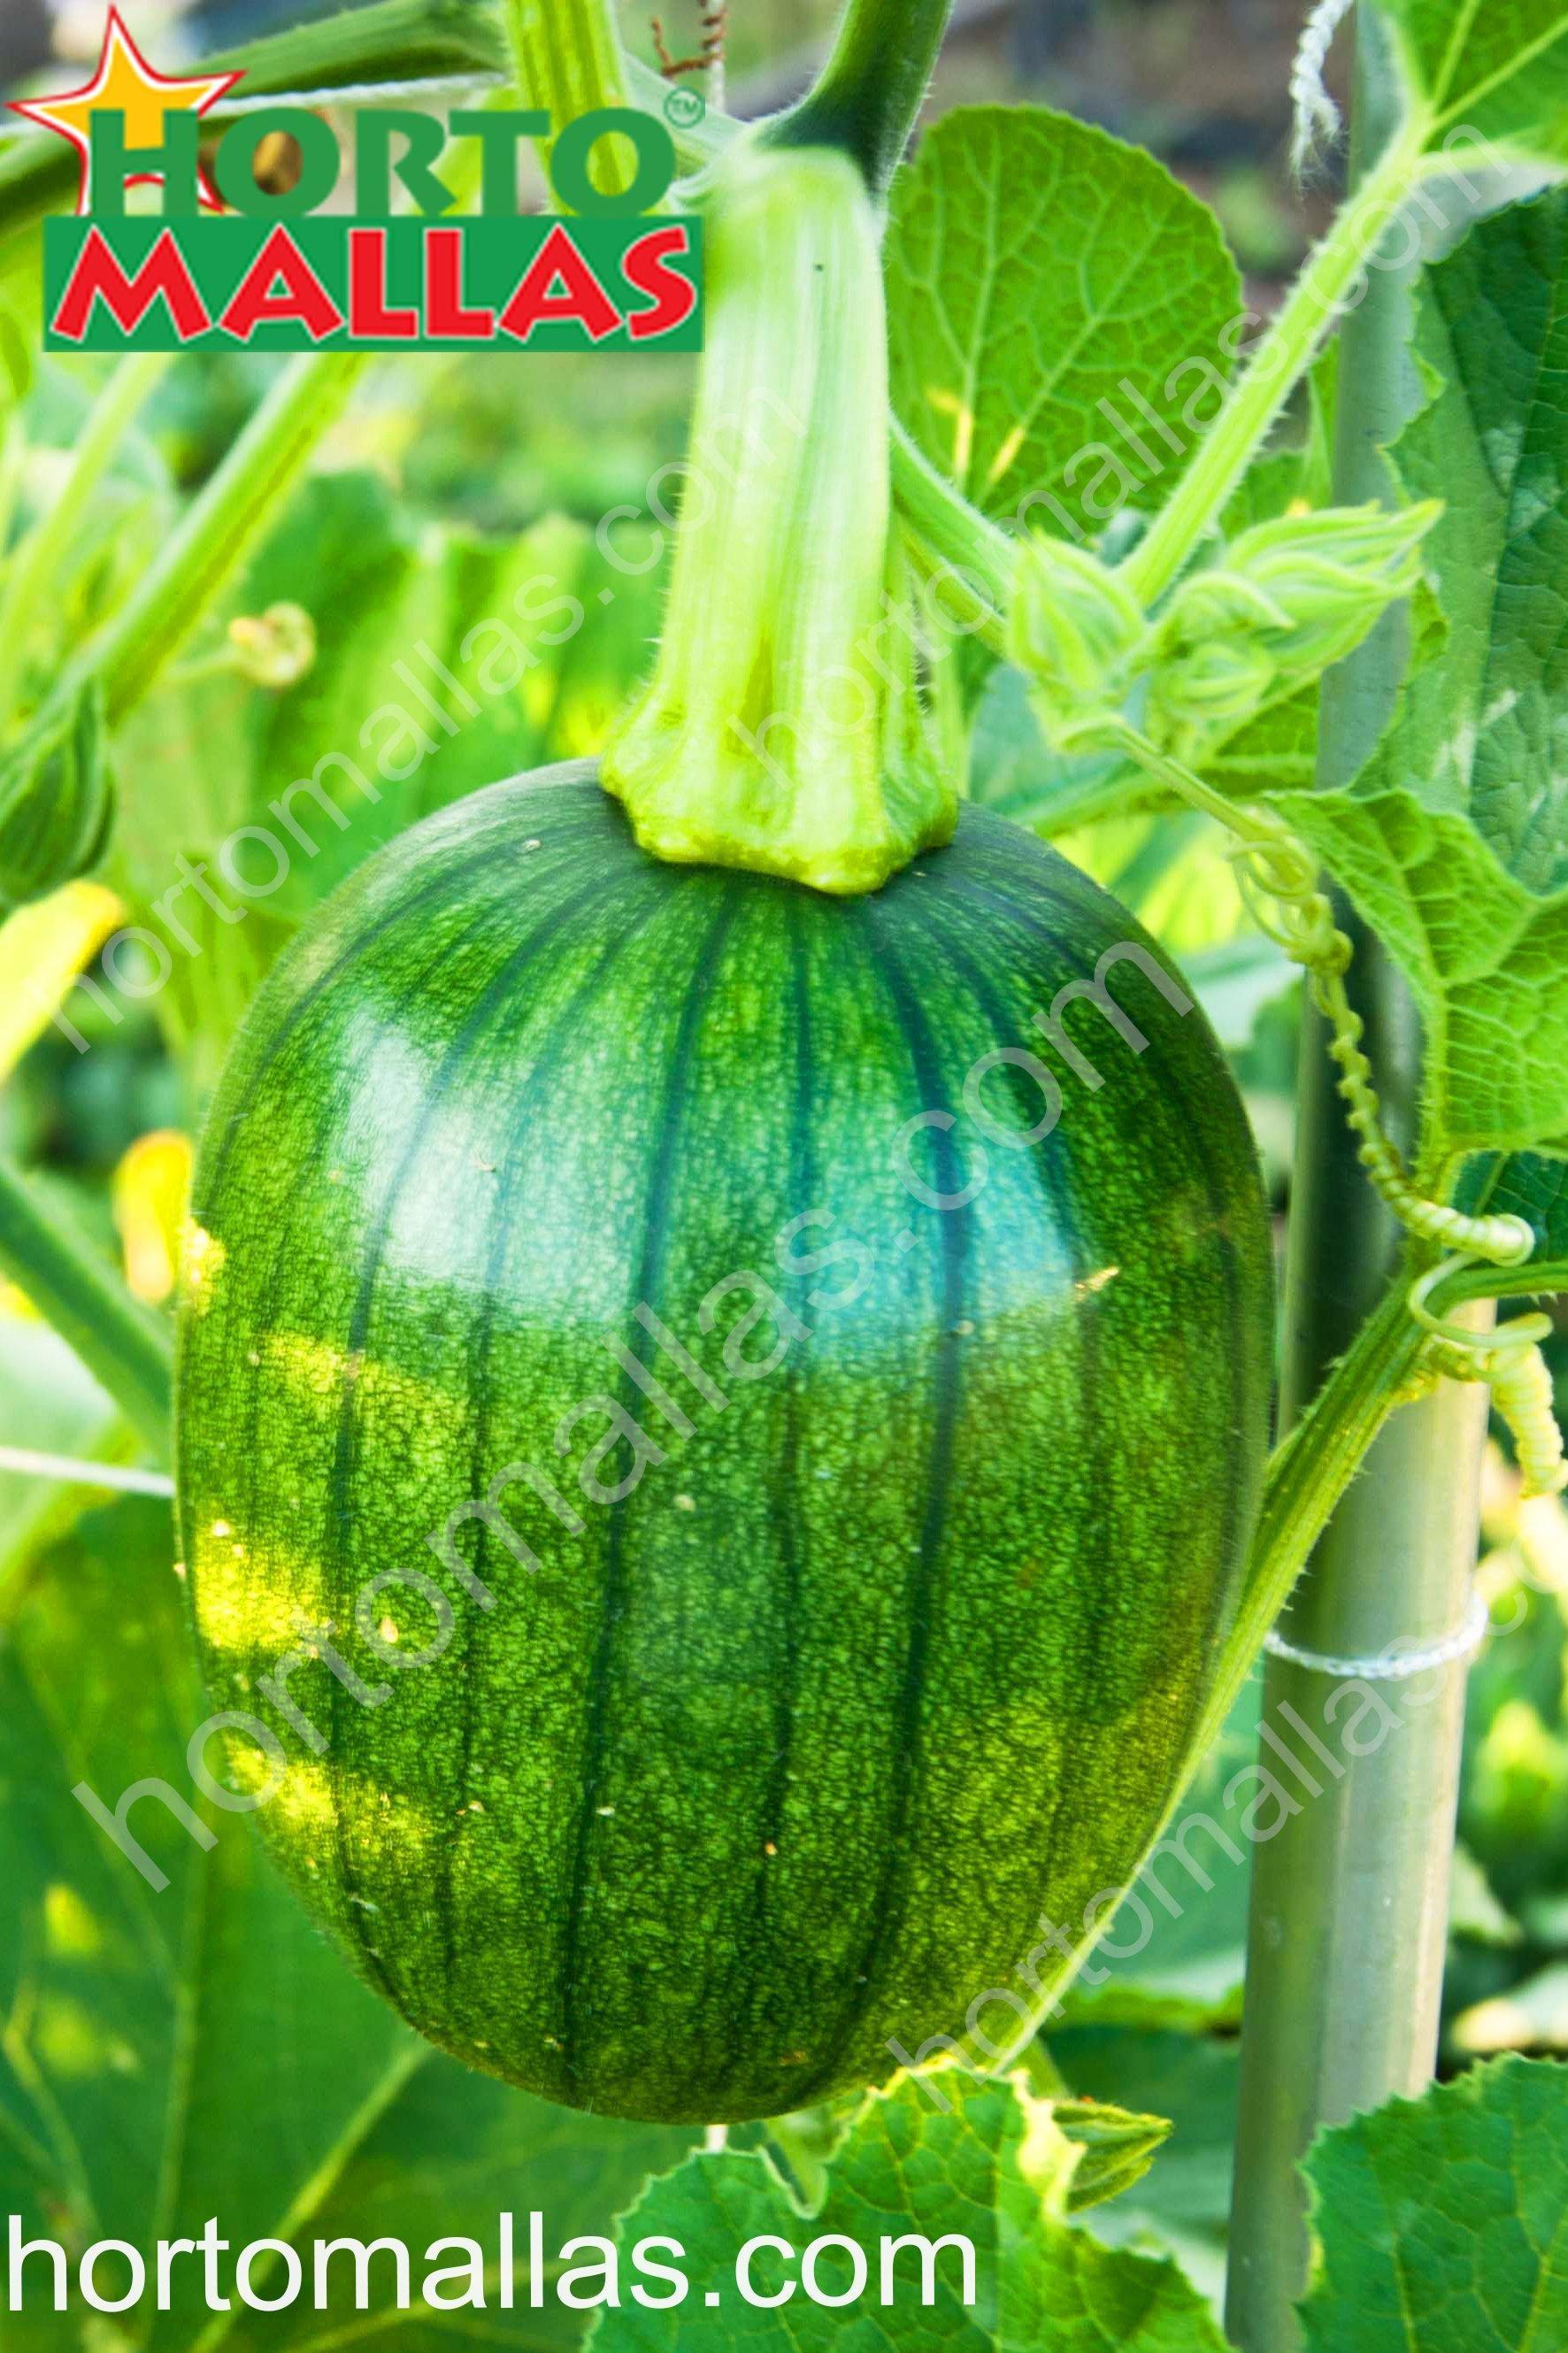 Evite perdas de seu cultivo de melancia com a malha/rede treliça HORTOMALLAS